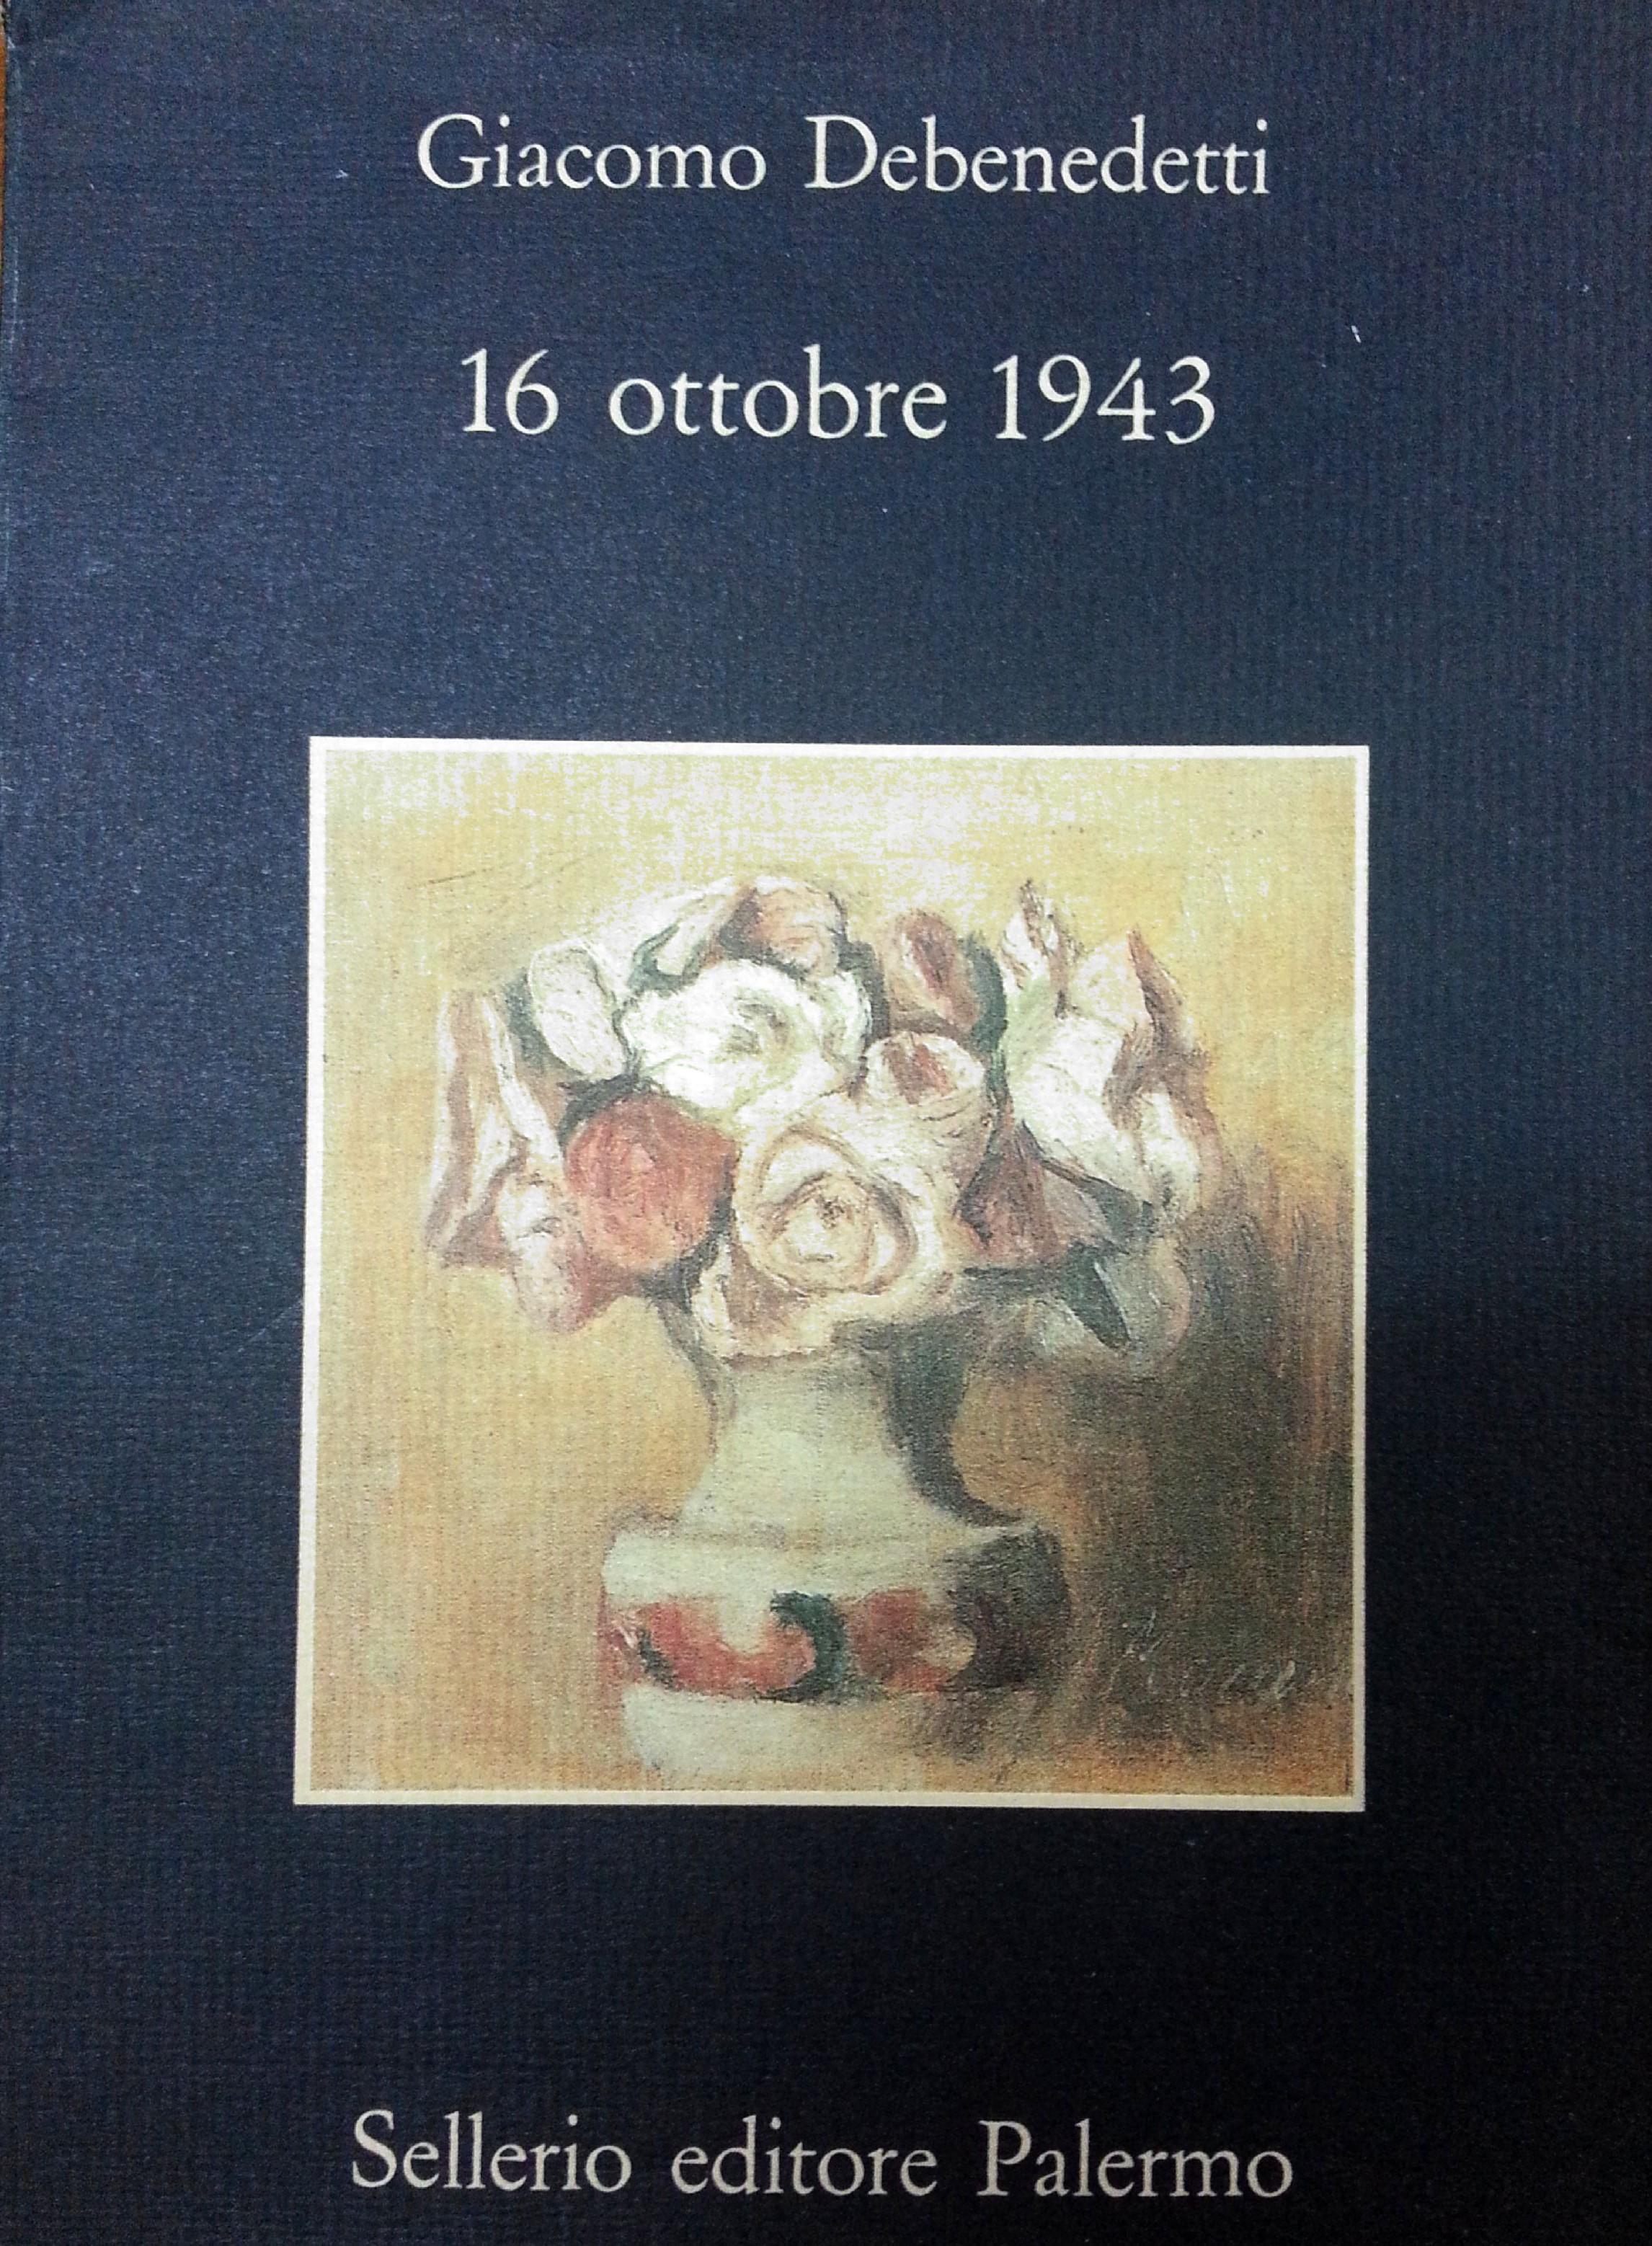 """""""16 ottobre 1943"""" di Giacomo Debenedetti,  Einaudi, 2001, prima edizione 1944."""